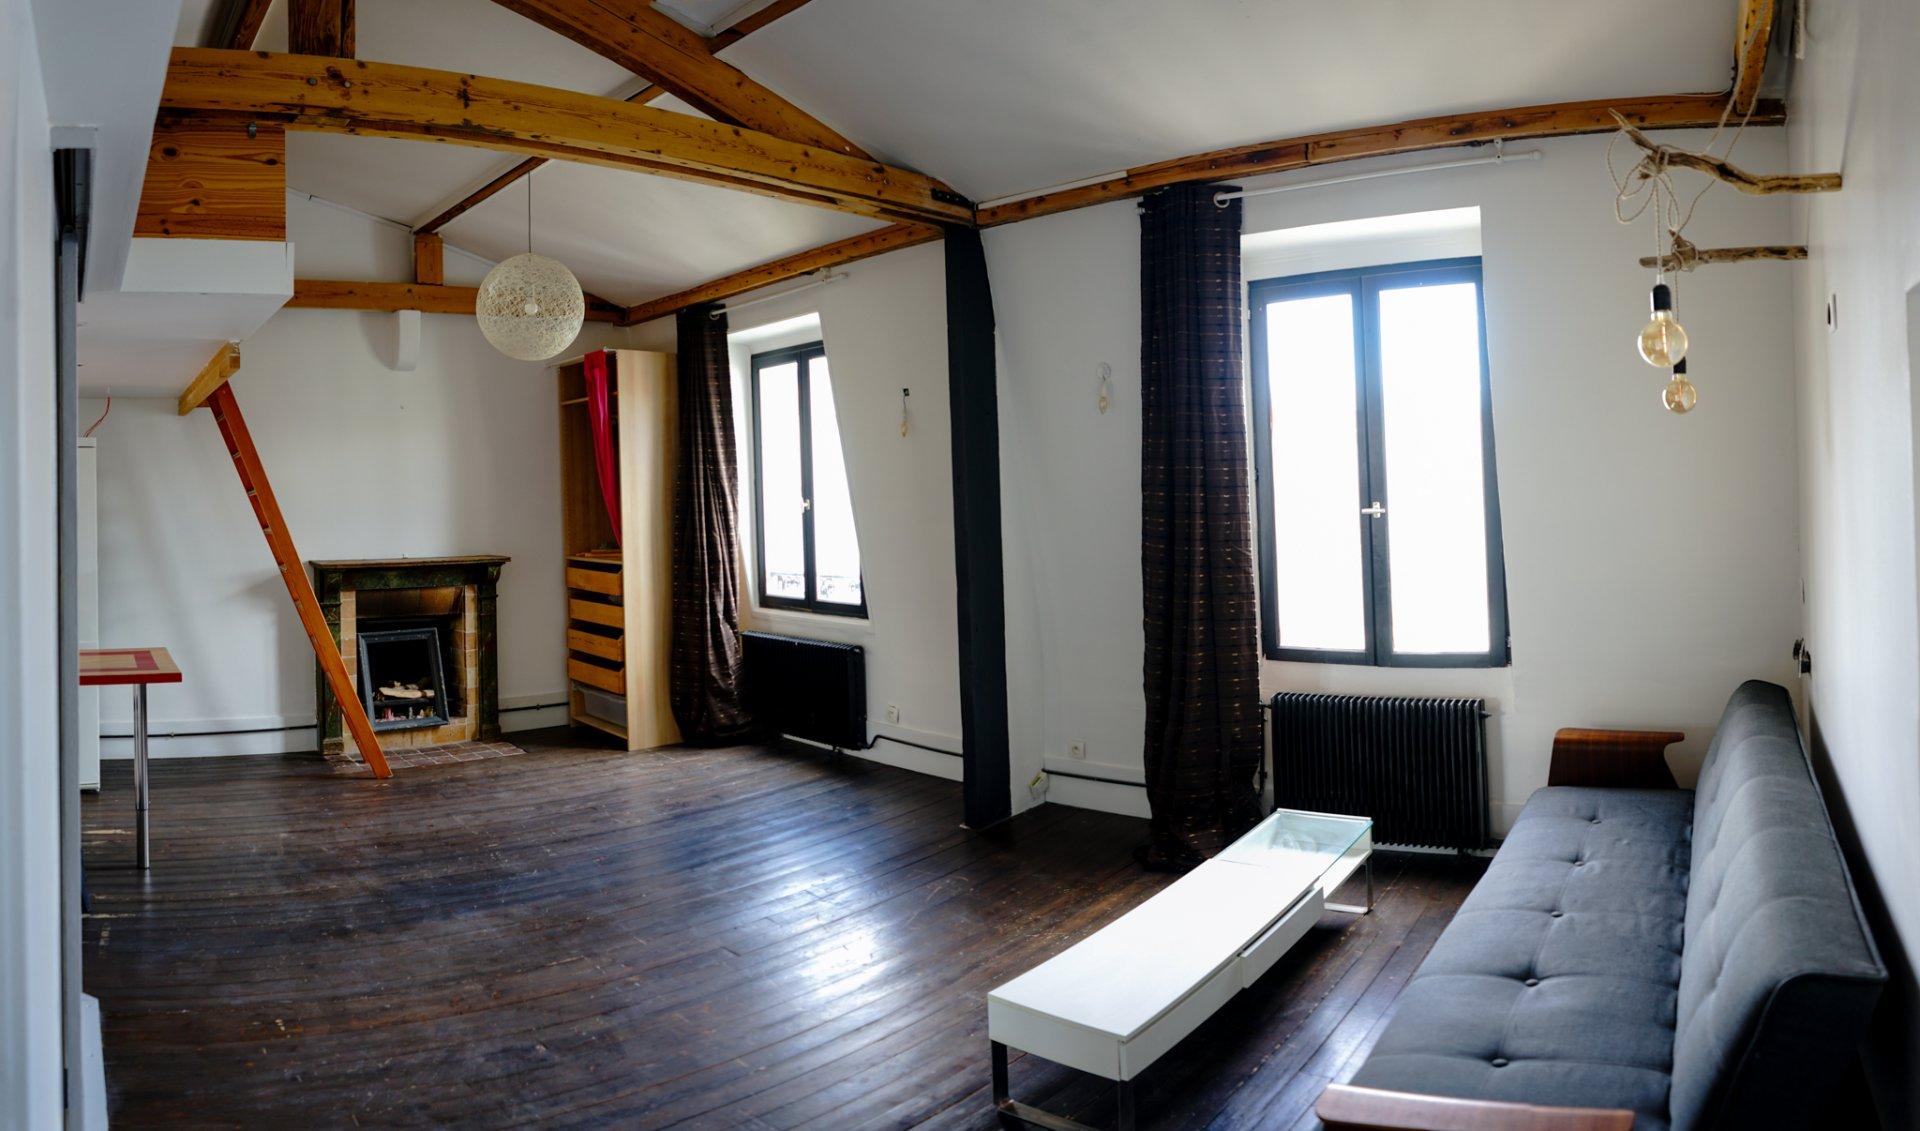 Paris - XVIII - M° Marcadet Poissonnier / Château Rouge - 2 Pièces - LOUÉ MEUBLÉ - DERNIER ÉTAGE - VUE - CALME .